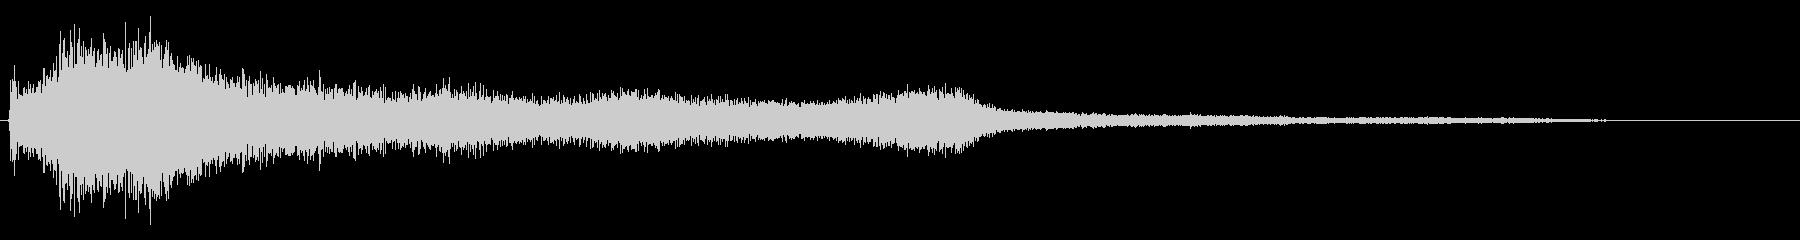 ホラー映画に出てきそうなノイズ系音源03の未再生の波形